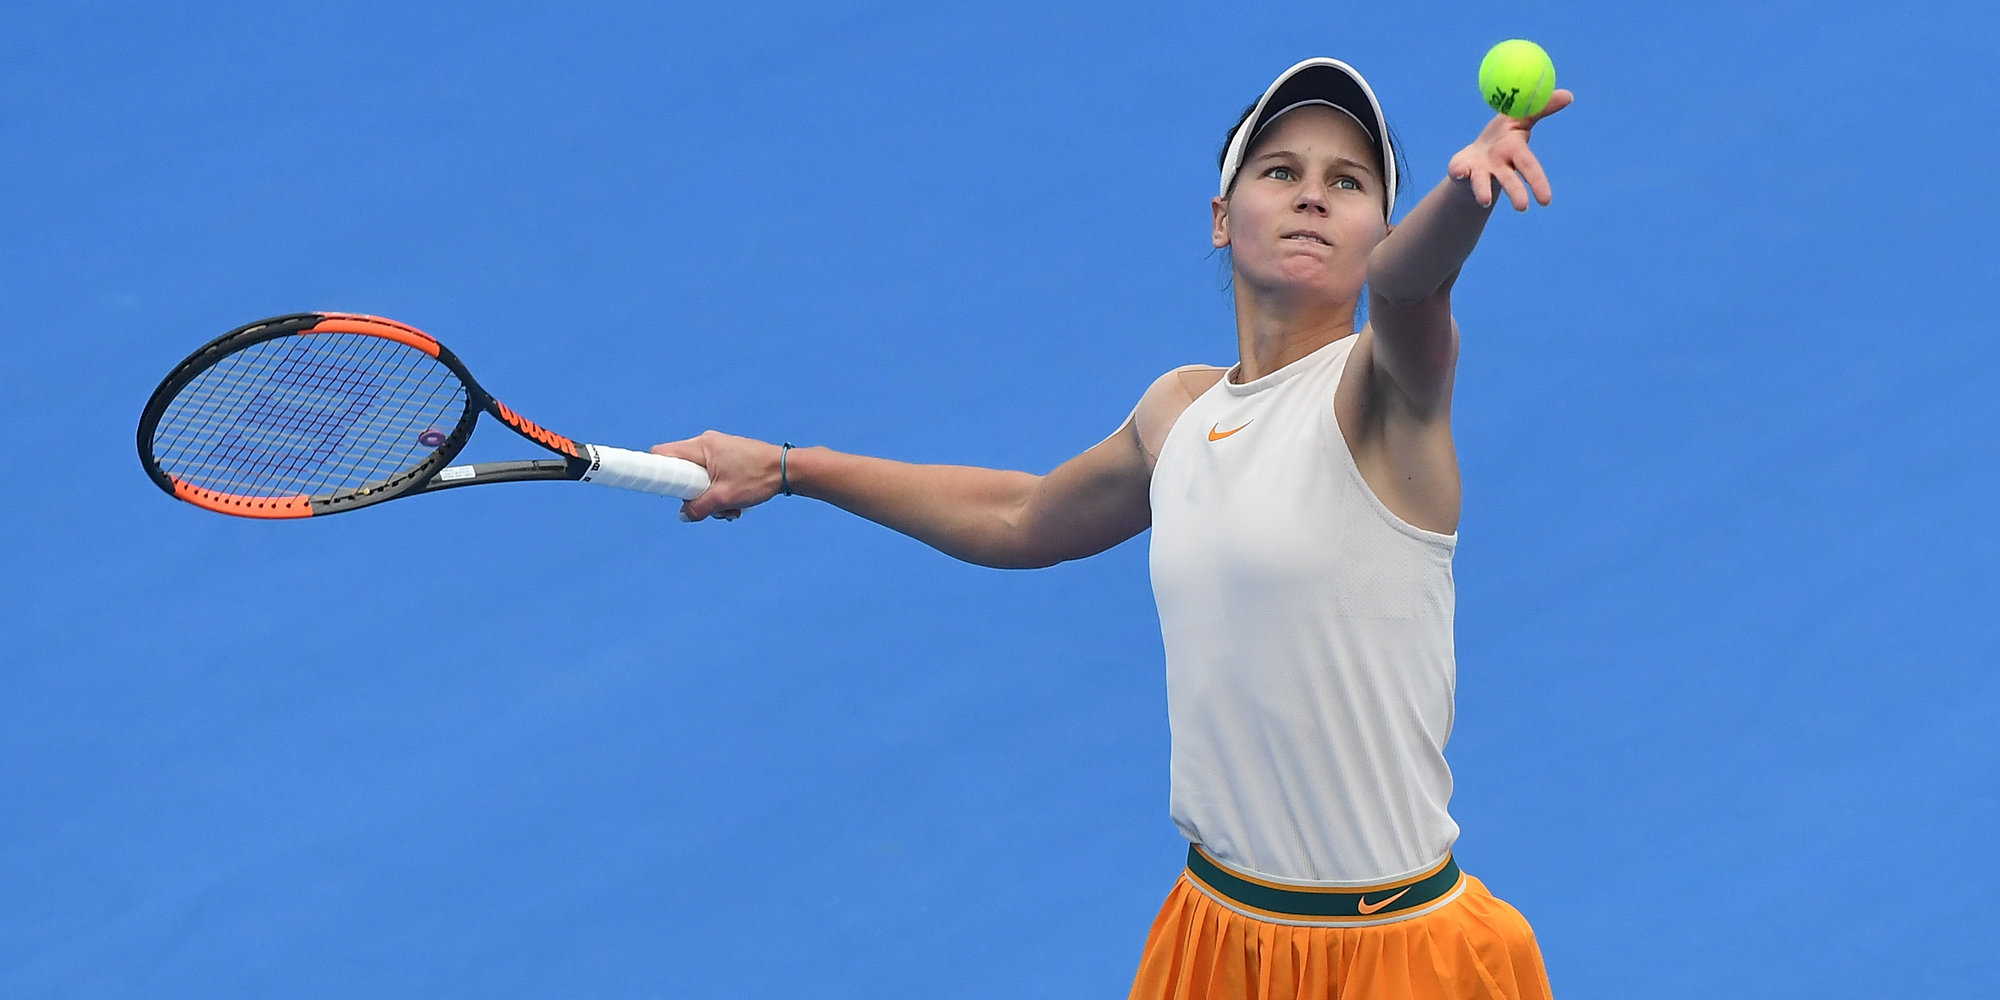 Кудерметова проиграла Петерсон во втором круге турнира в Цинциннати